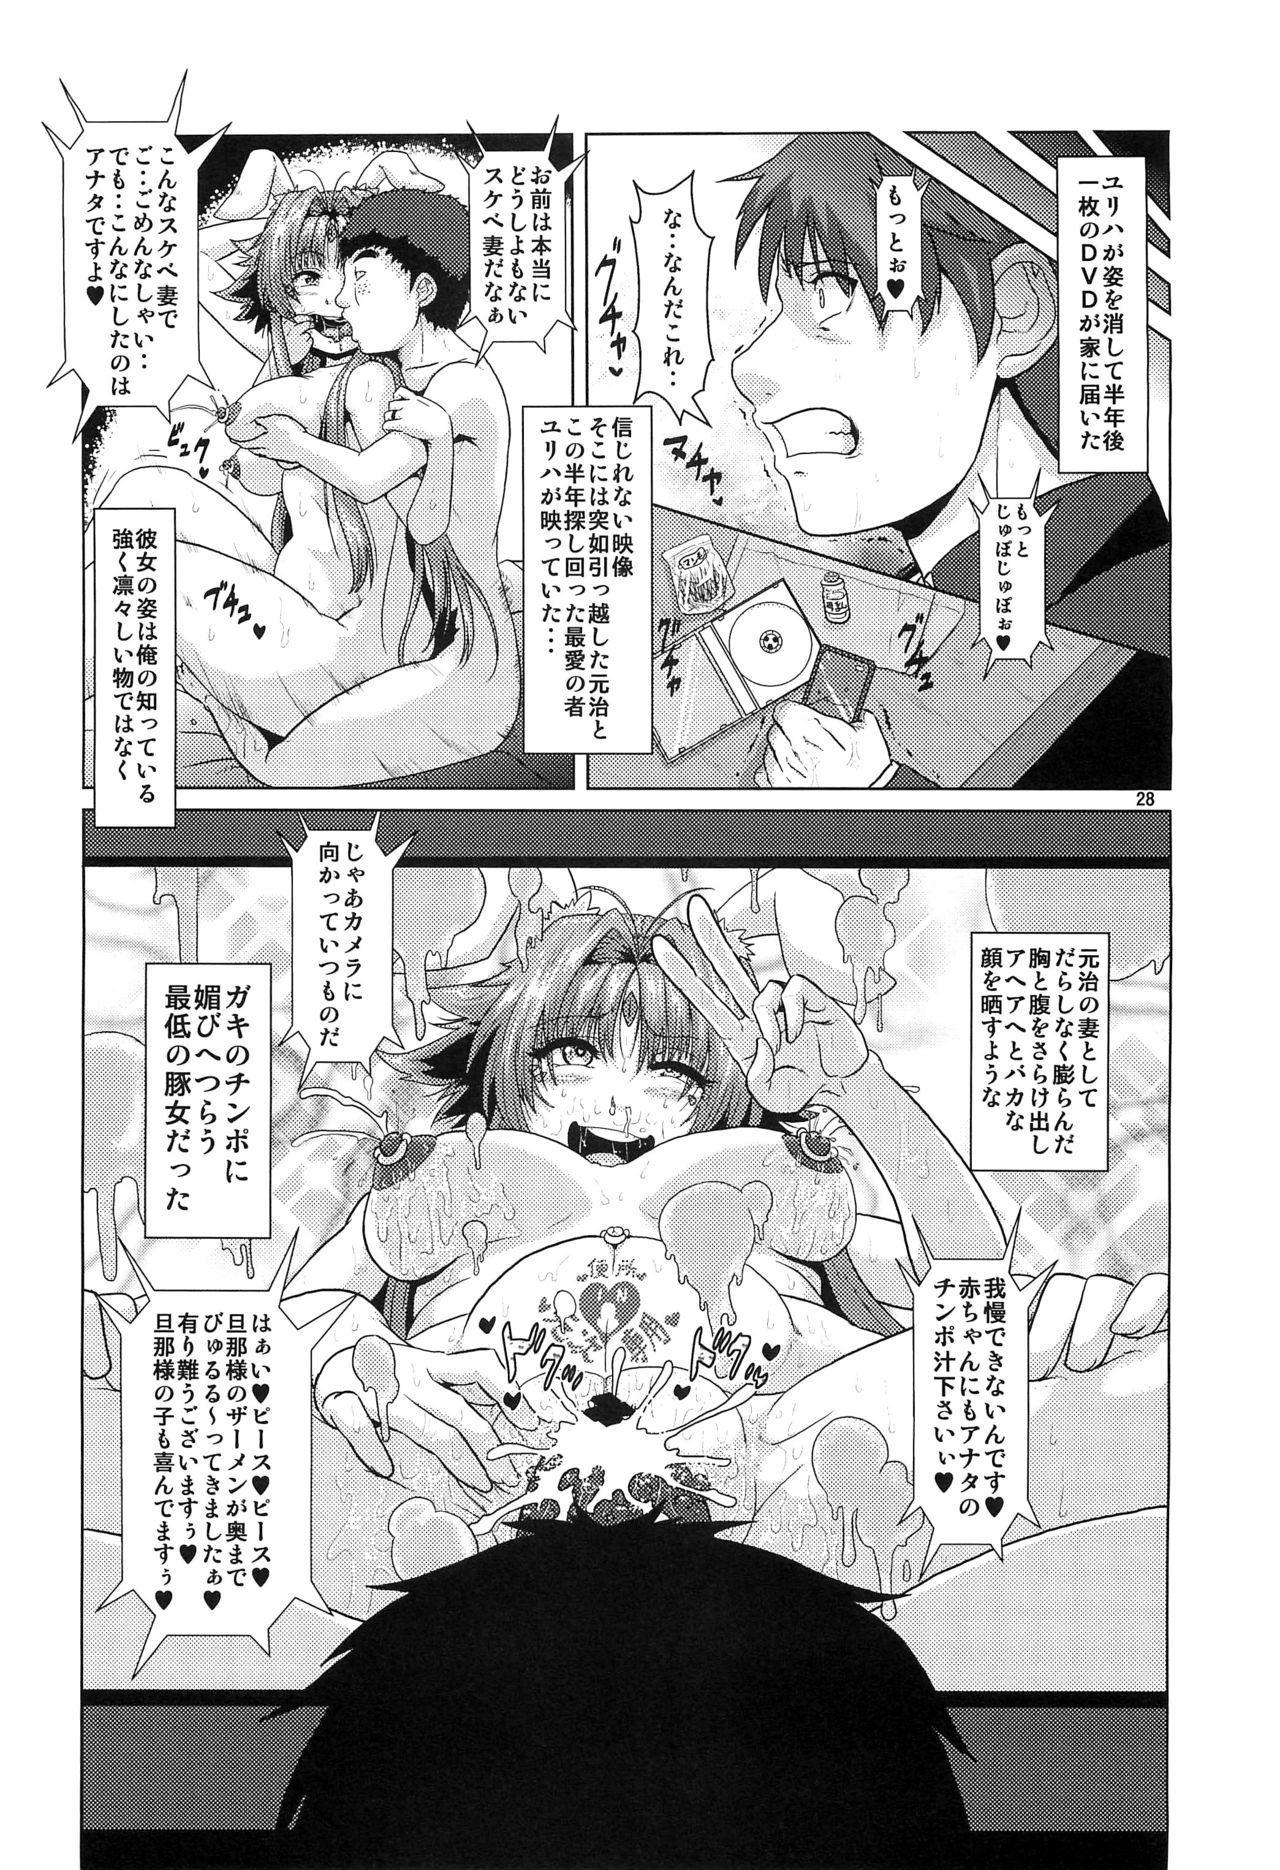 NTR Haramasare Ubawareta Aibou 26